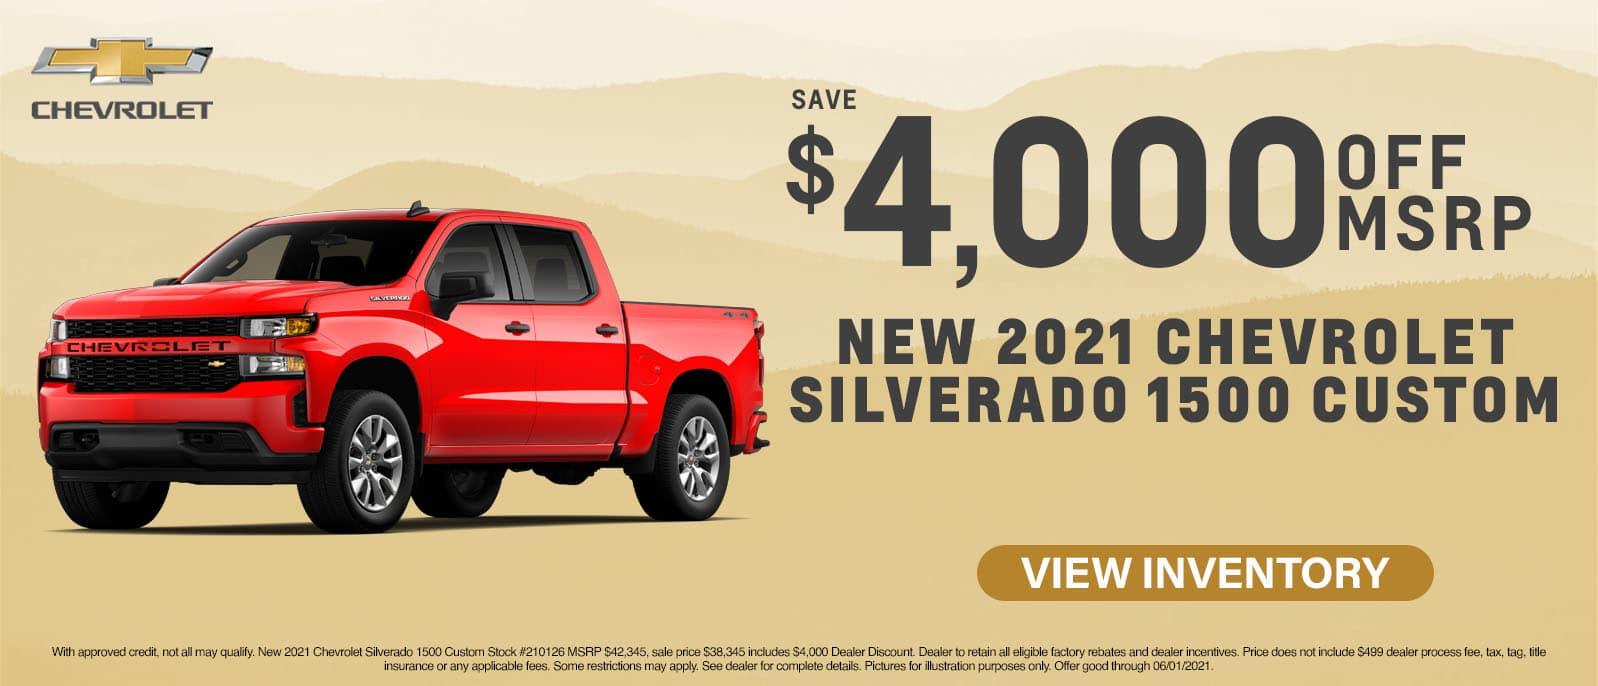 CRCH-May 2021-2021 Chevy Silverado